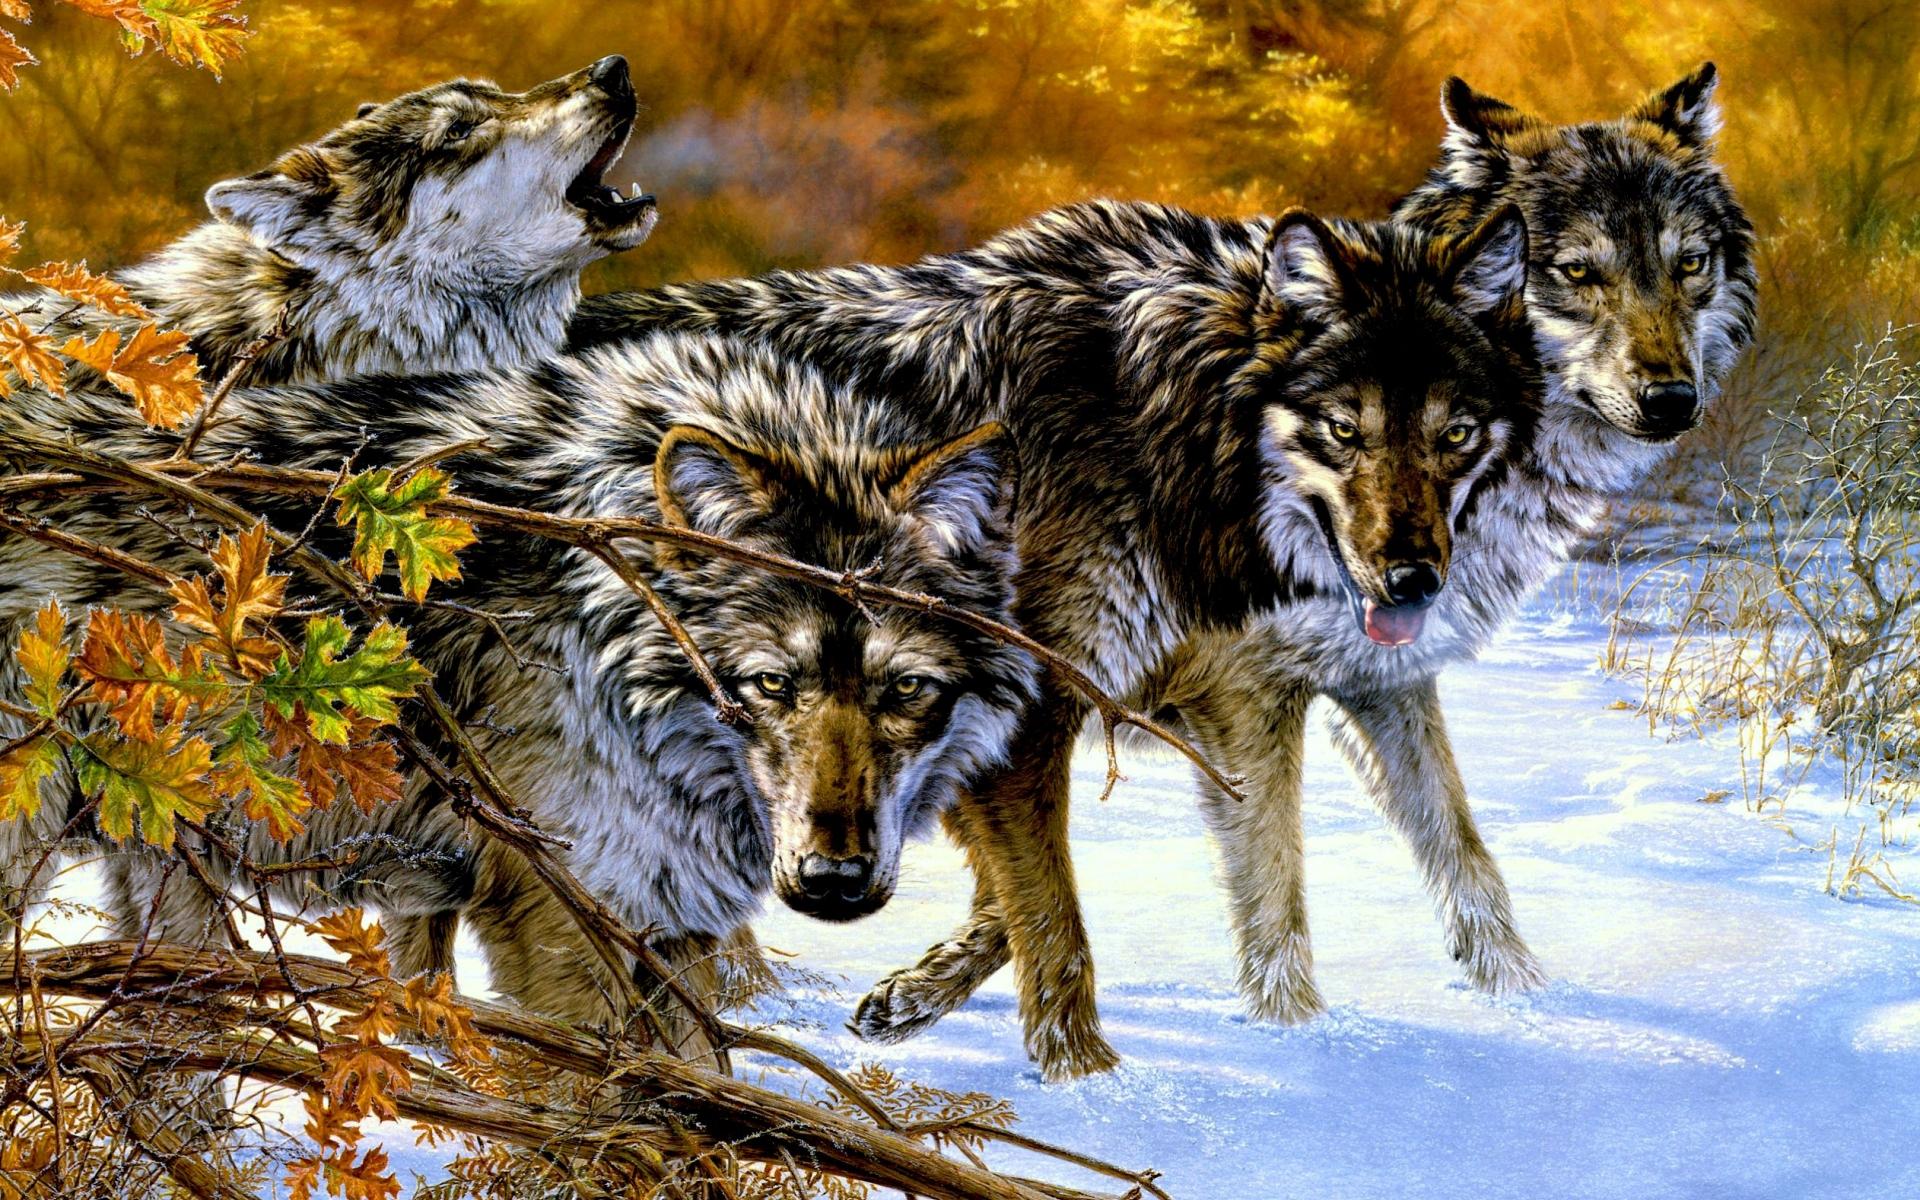 37011 завантажити шпалери Вовки, Тварини - заставки і картинки безкоштовно